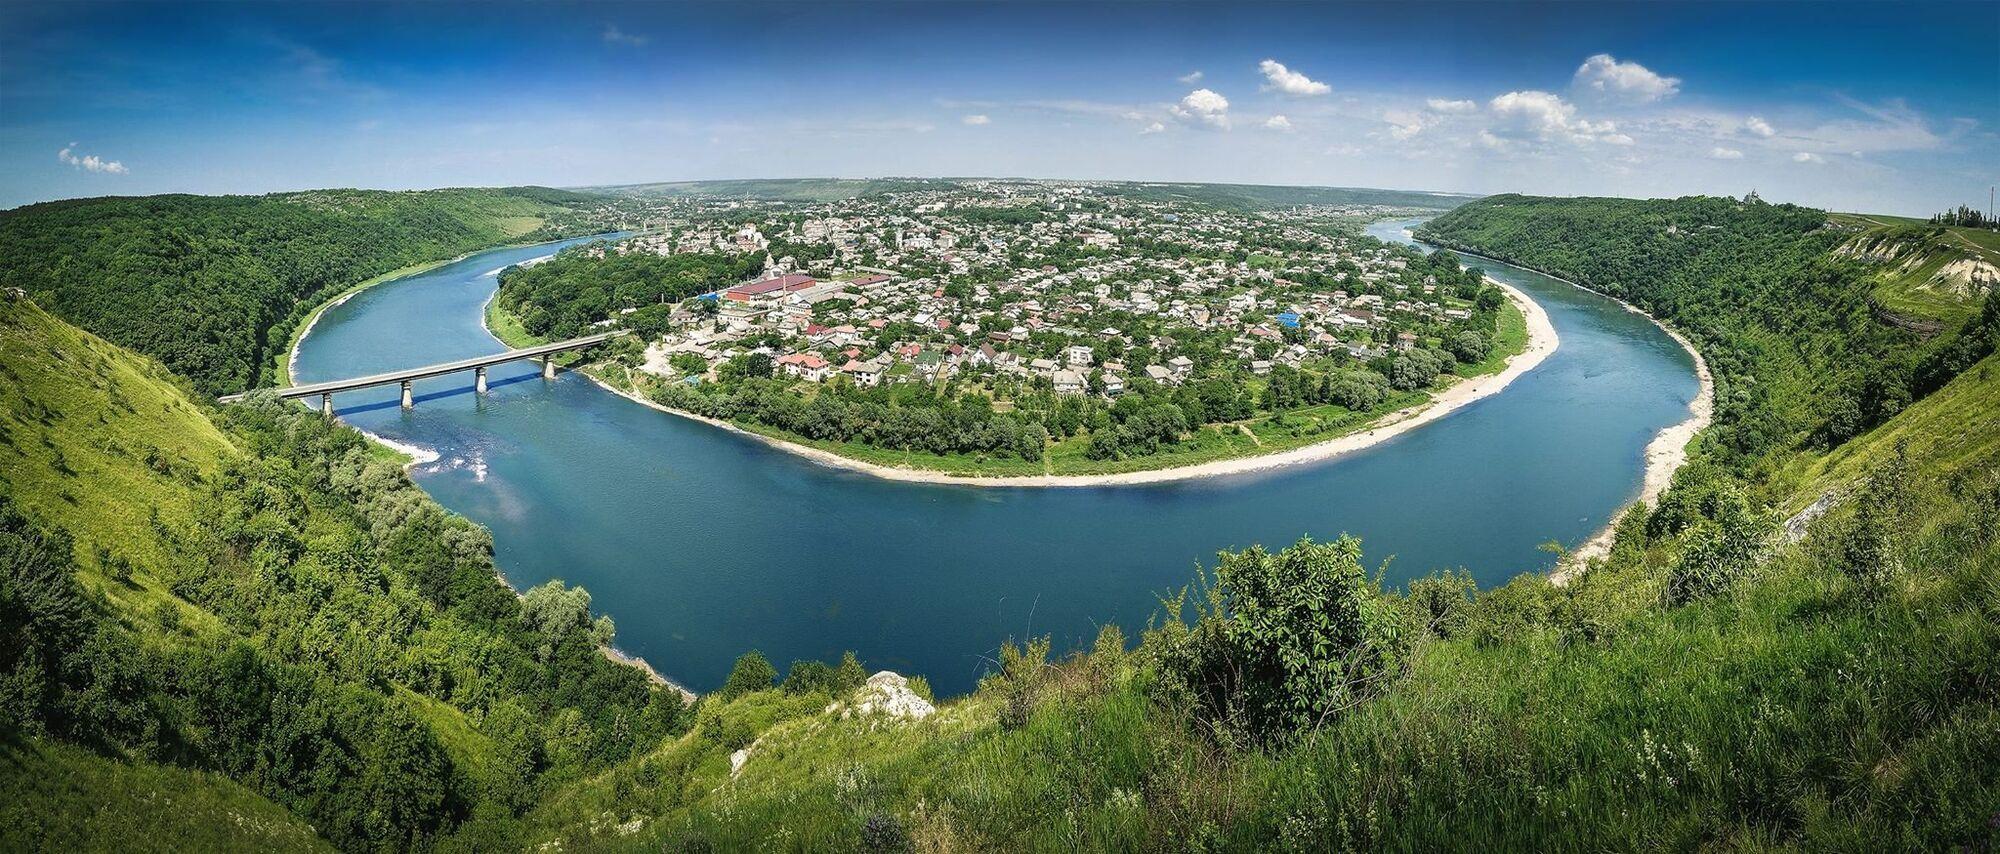 Місто-острів Заліщики в Тернополі